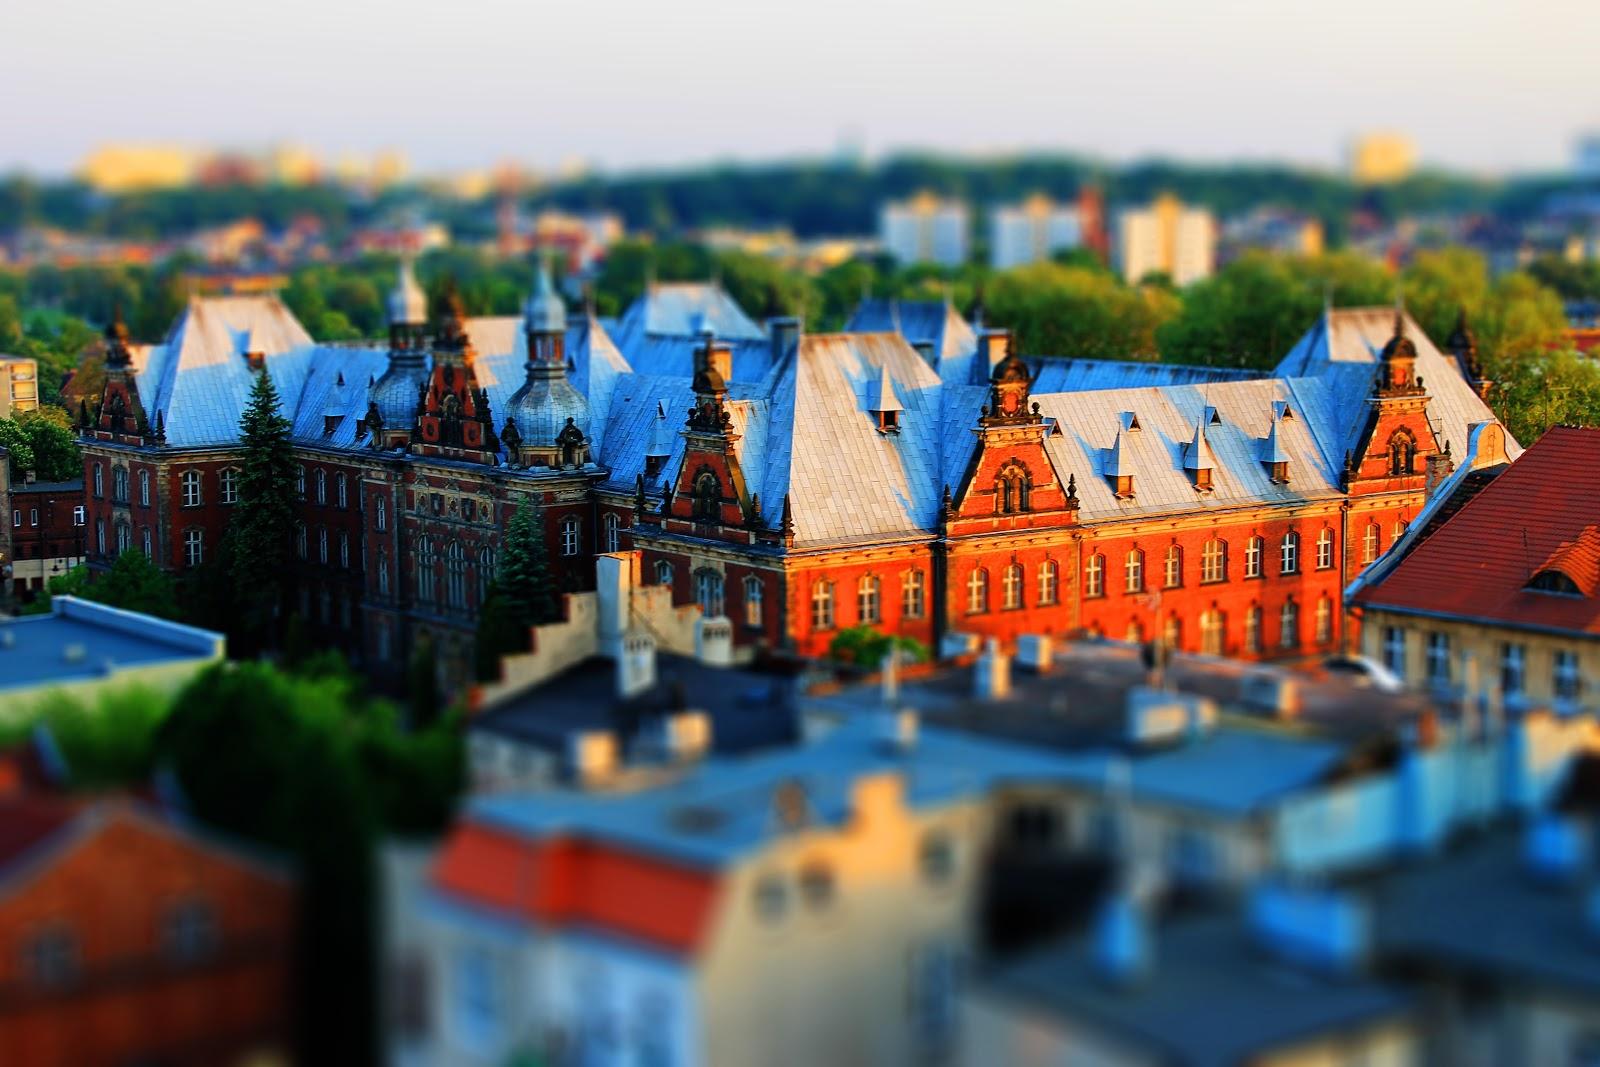 ミニチュア風に撮影されたポーランドのブィドコシュチュの穏やかに明るい街並みのサムネイル